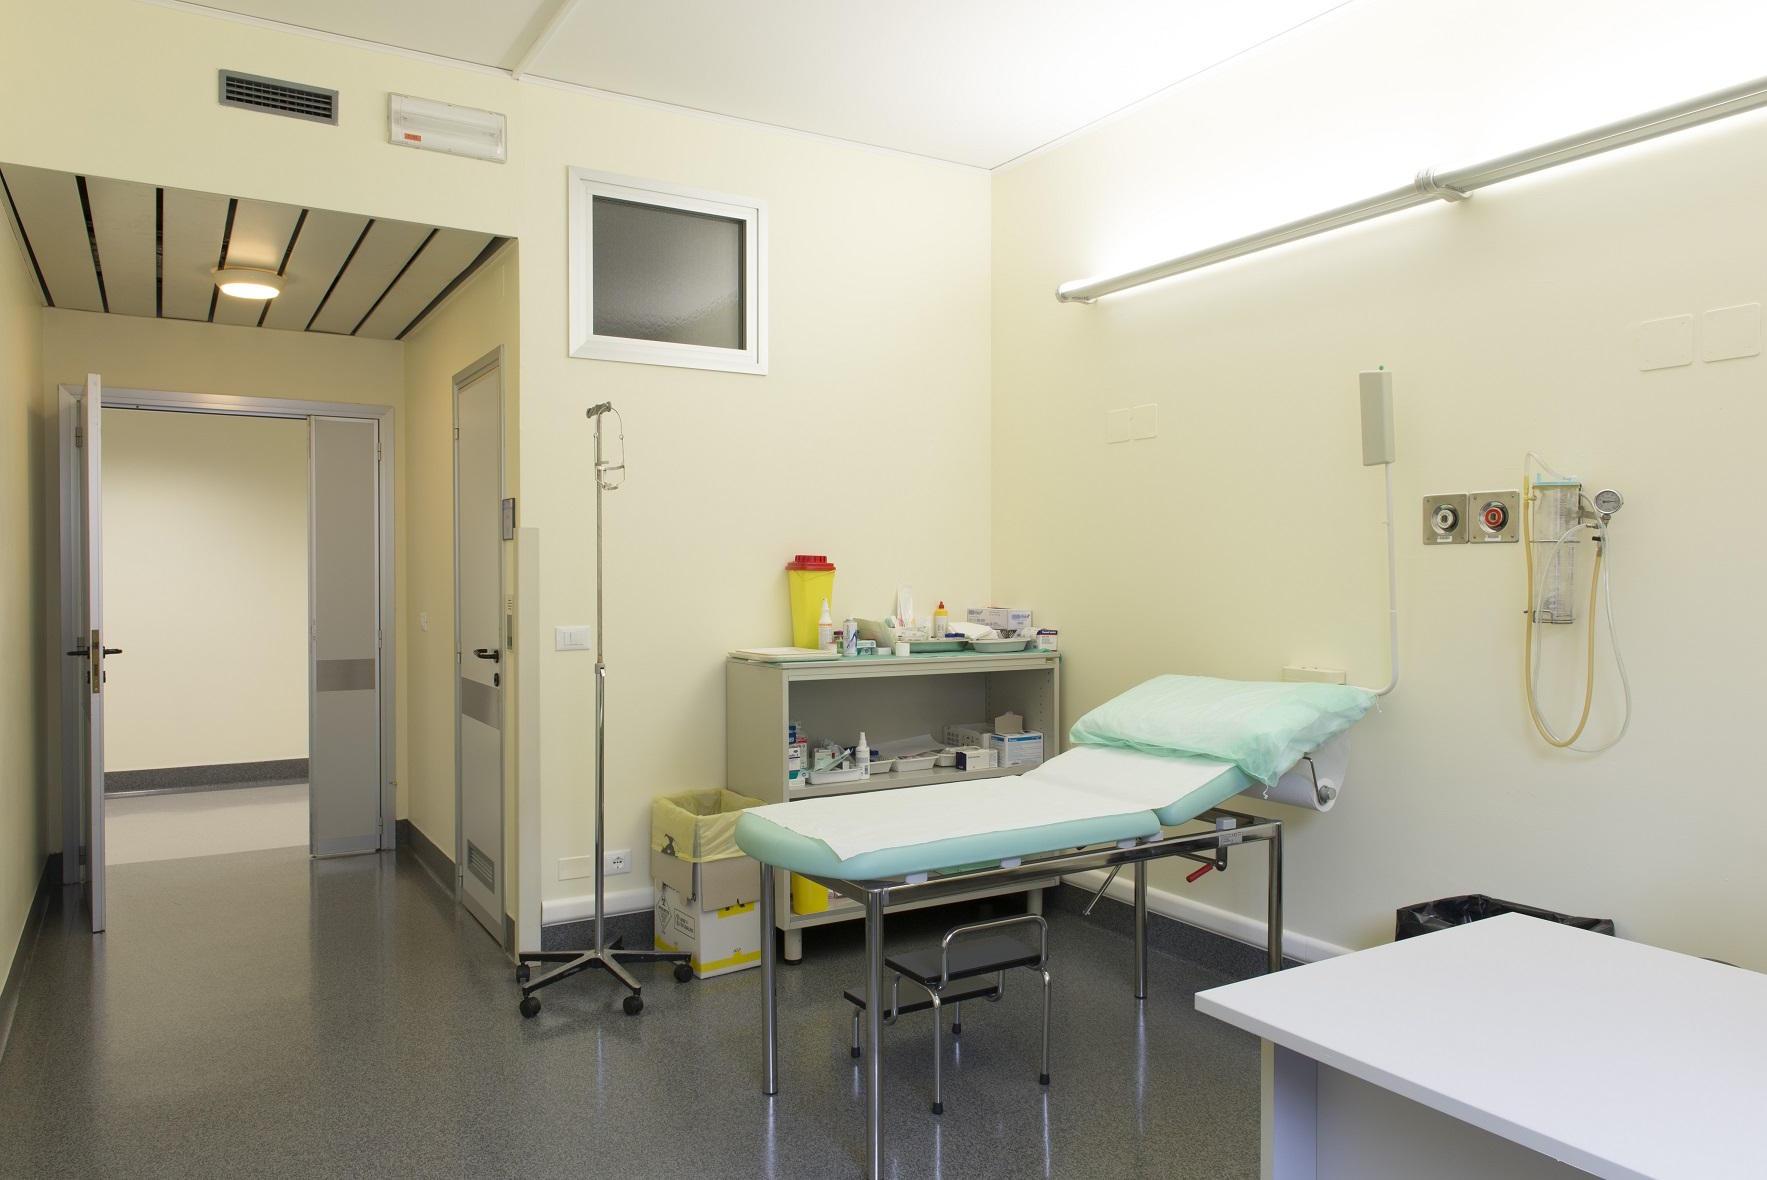 Reparto ematologia dell'ospedale civile di Vicenza